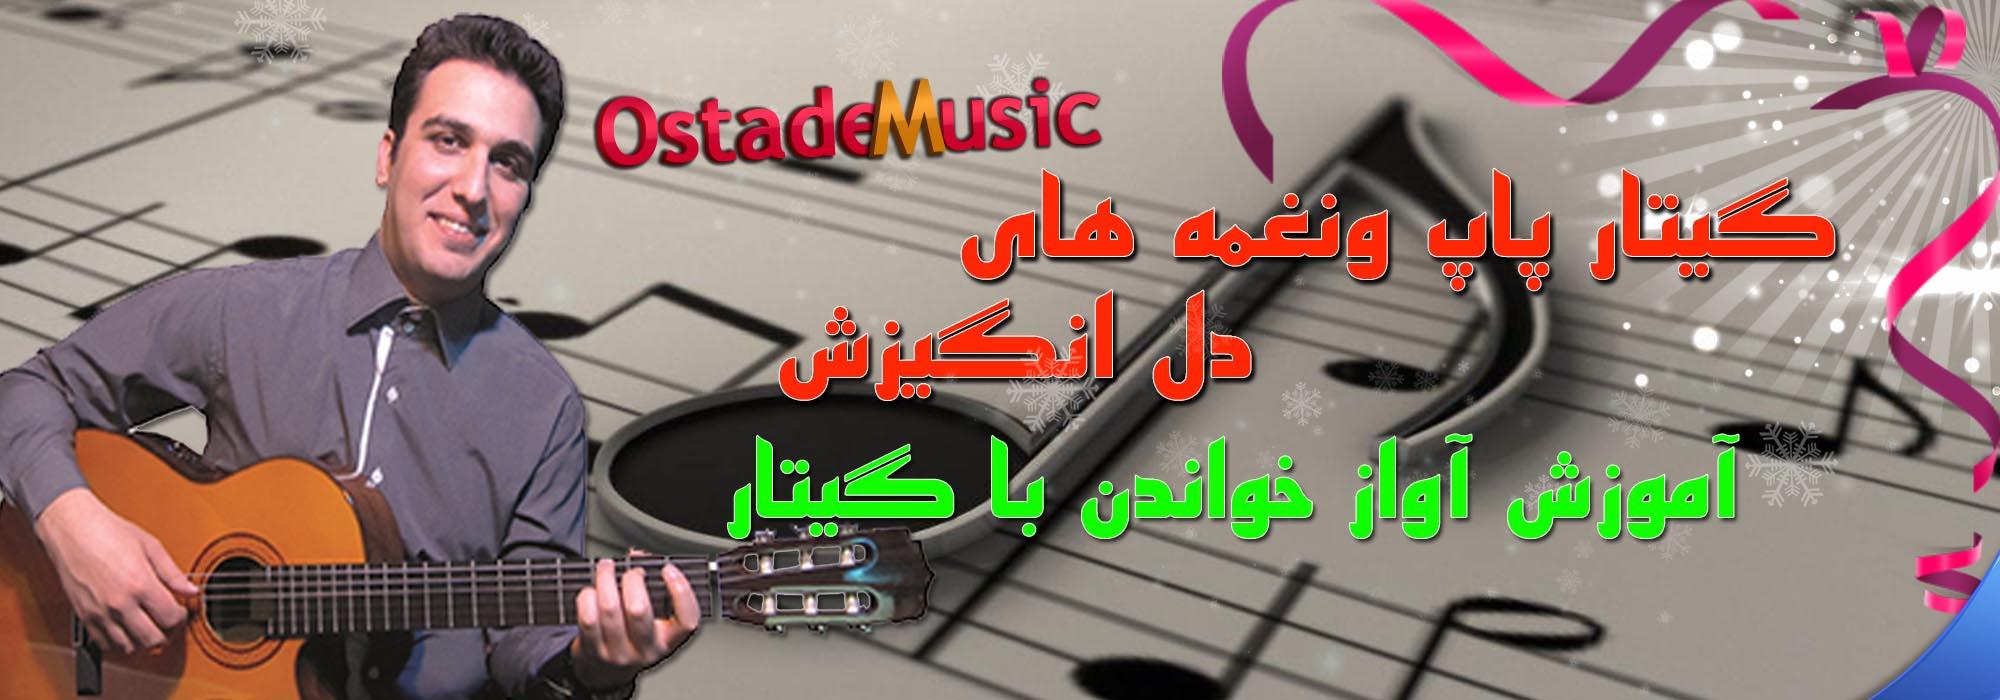 گیتار پاپ و نغمه های دل انگیزش